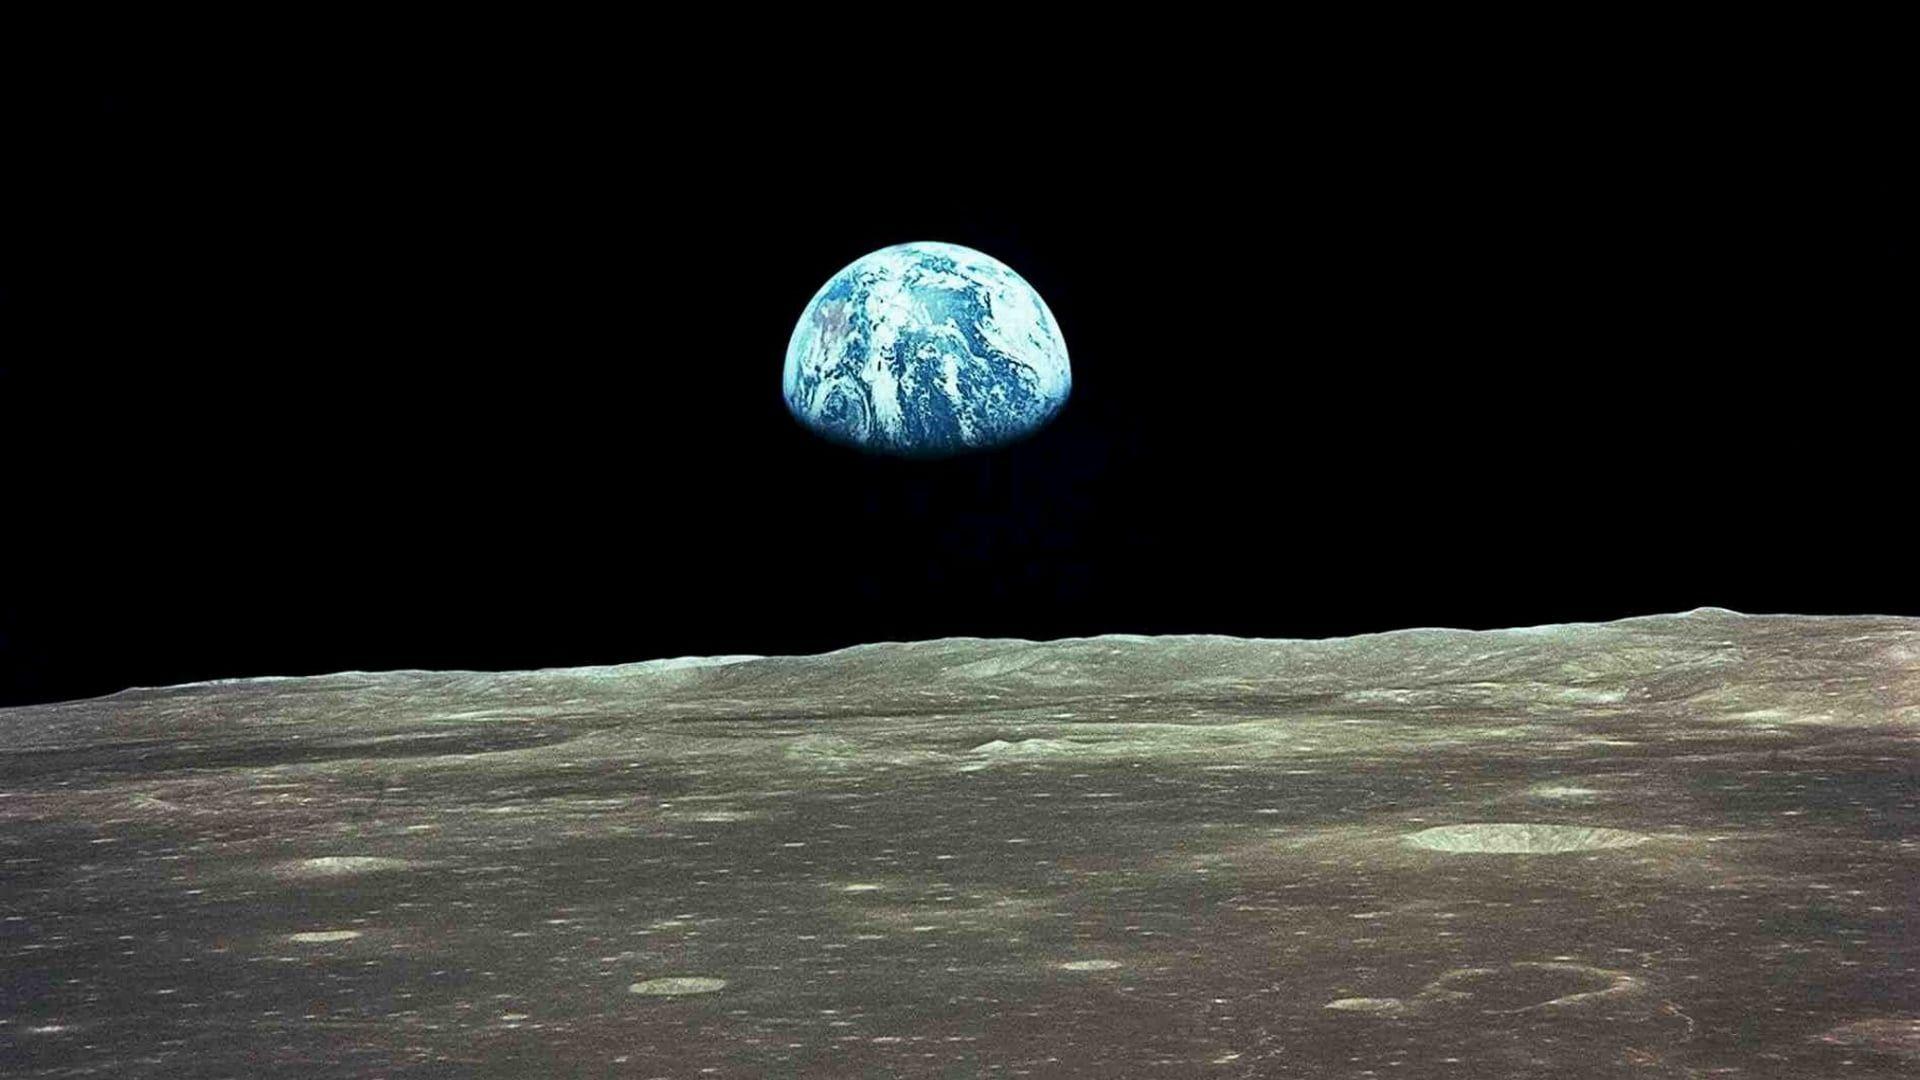 Moon Earth Space Apollo 11 Moon Surface 1080p Wallpaper Hdwallpaper Desktop Apollo 11 Bilder